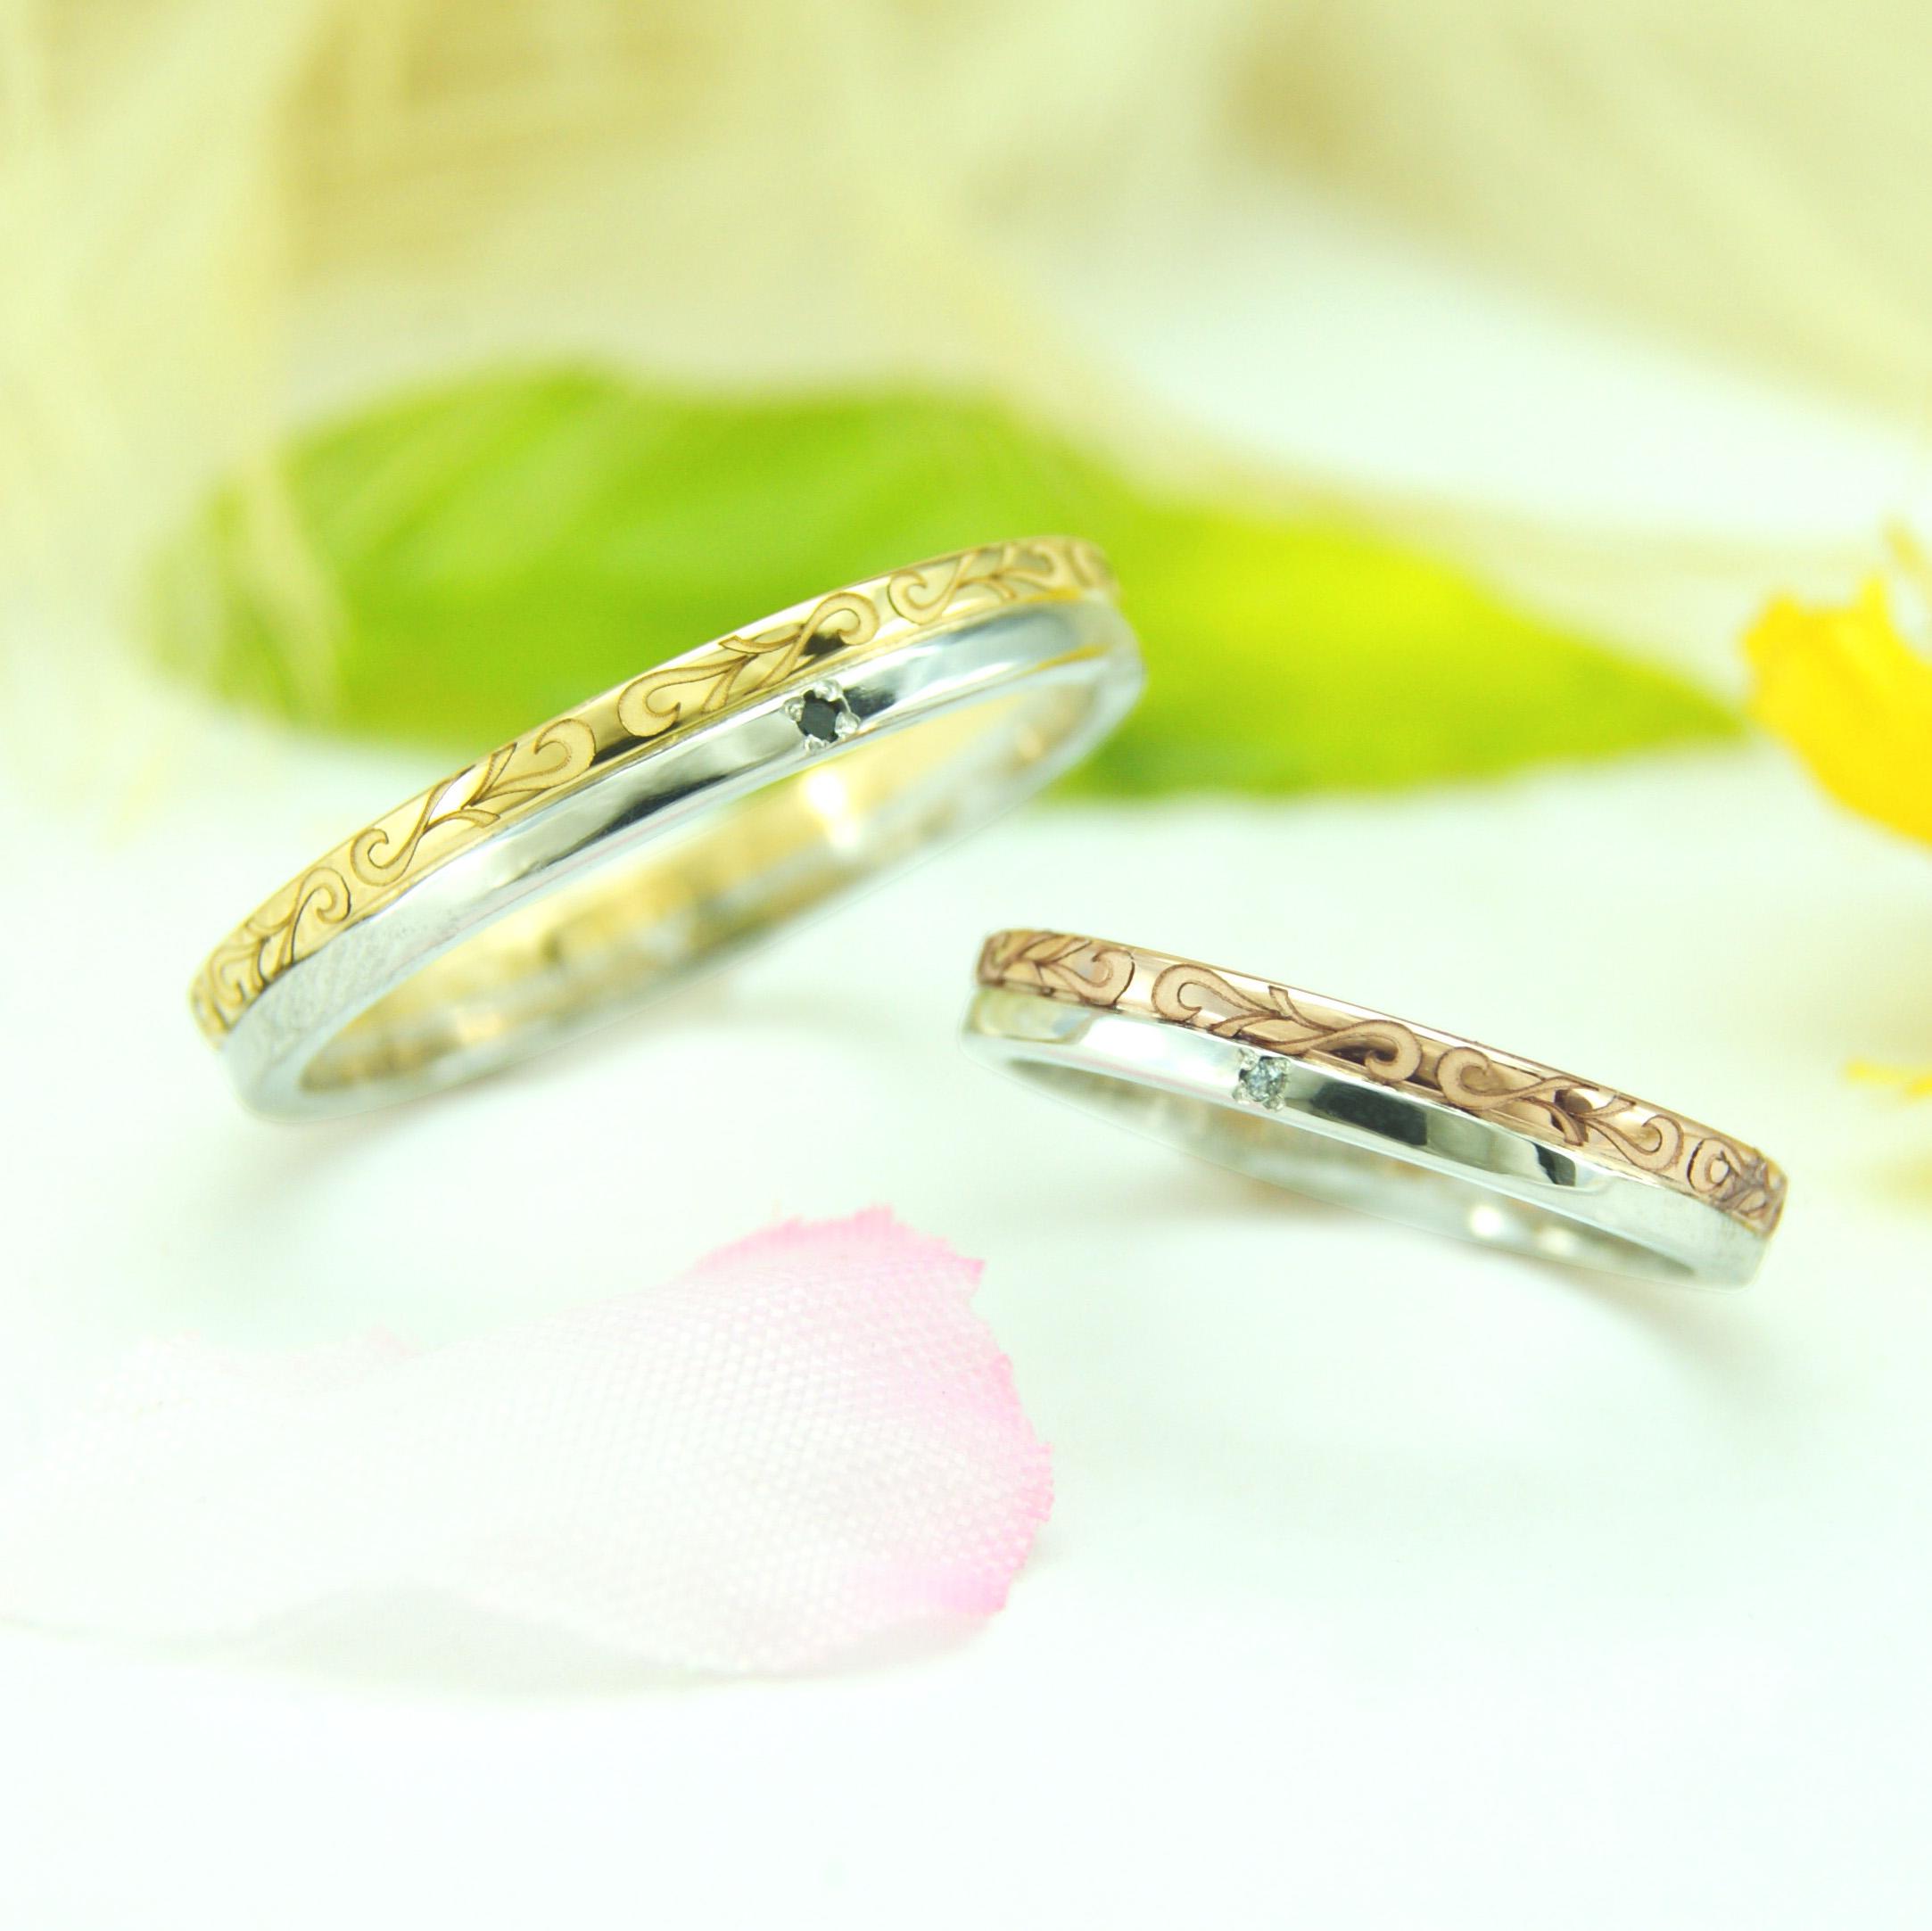 結婚指輪 オーダーメイド kazariyaYui 福島県郡山市 コンビリング